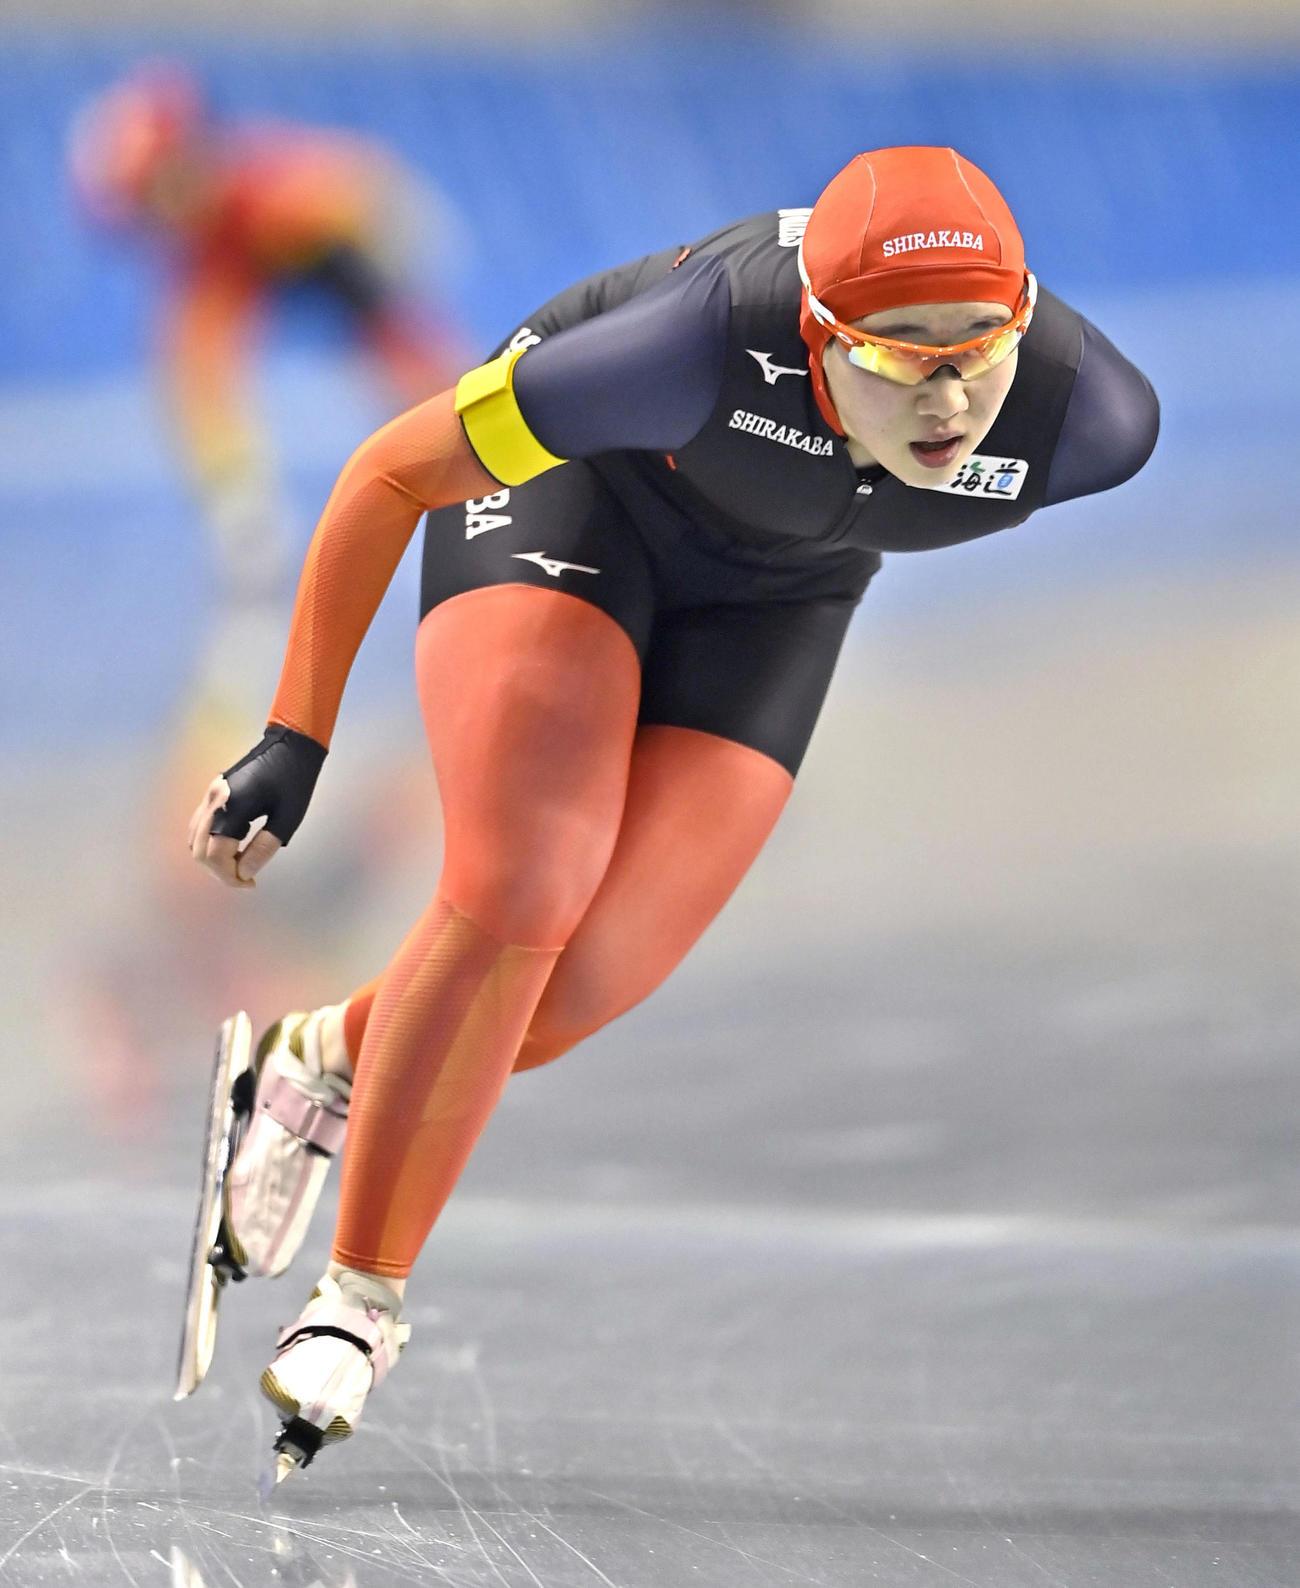 スピード女子1500メートル  1分59秒74の大会新記録で優勝した白樺学園・堀川桃香(共同)